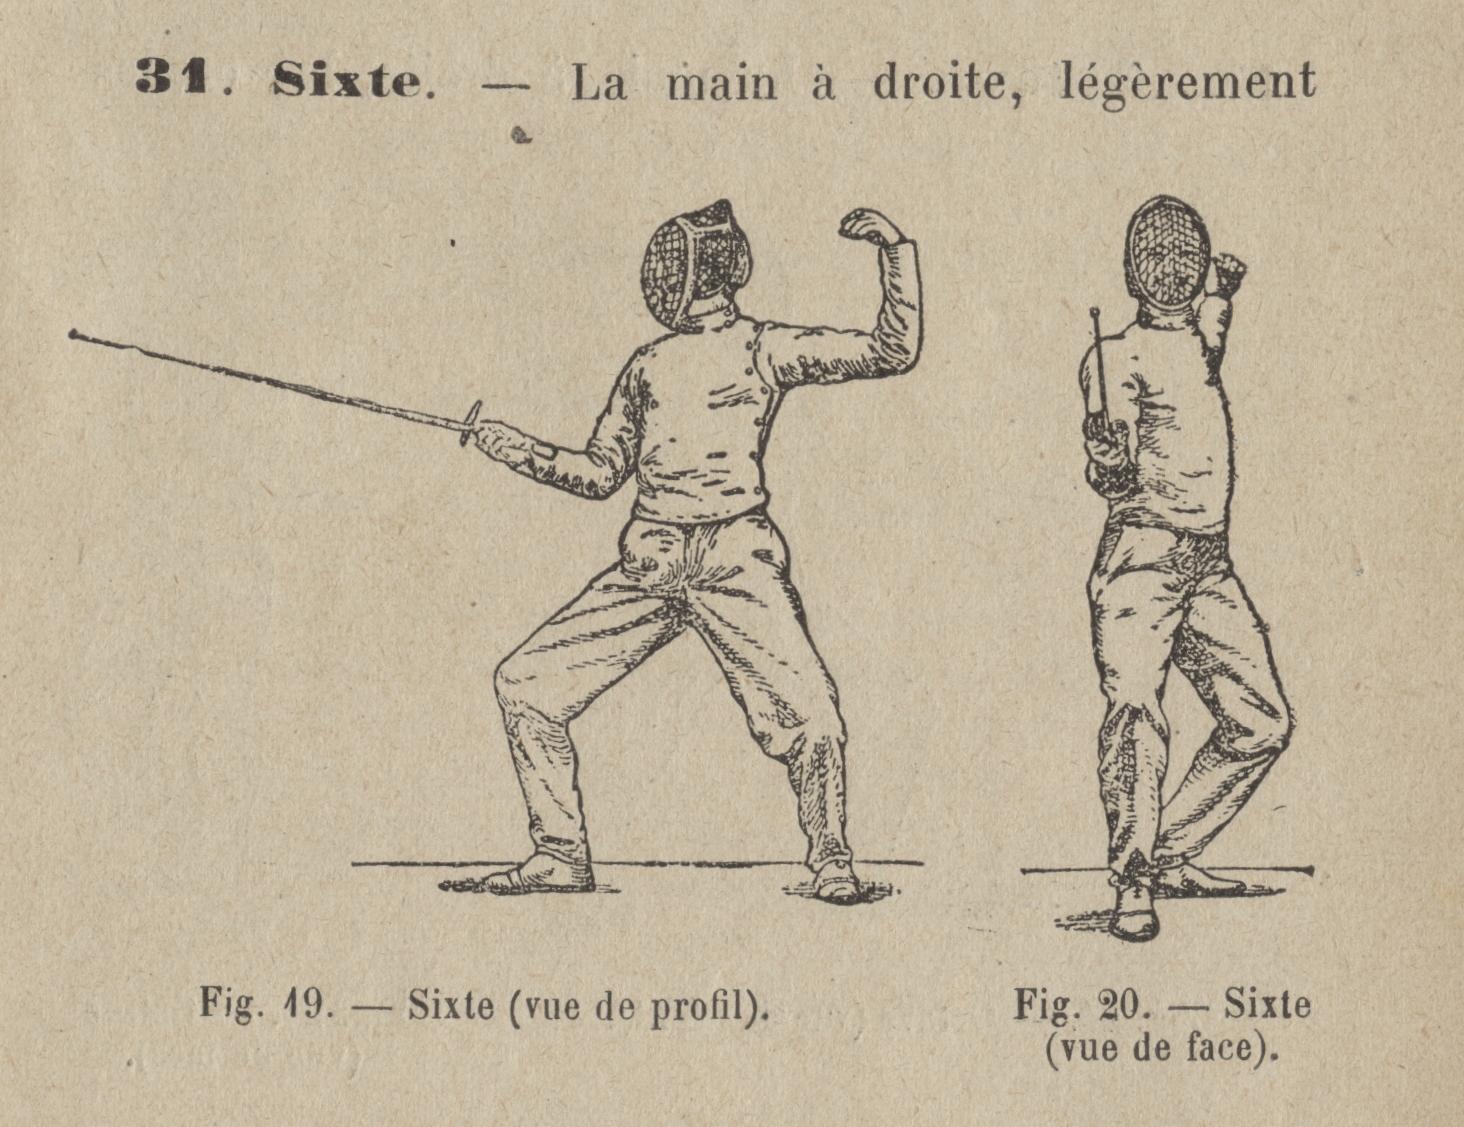 Sixte Reglement